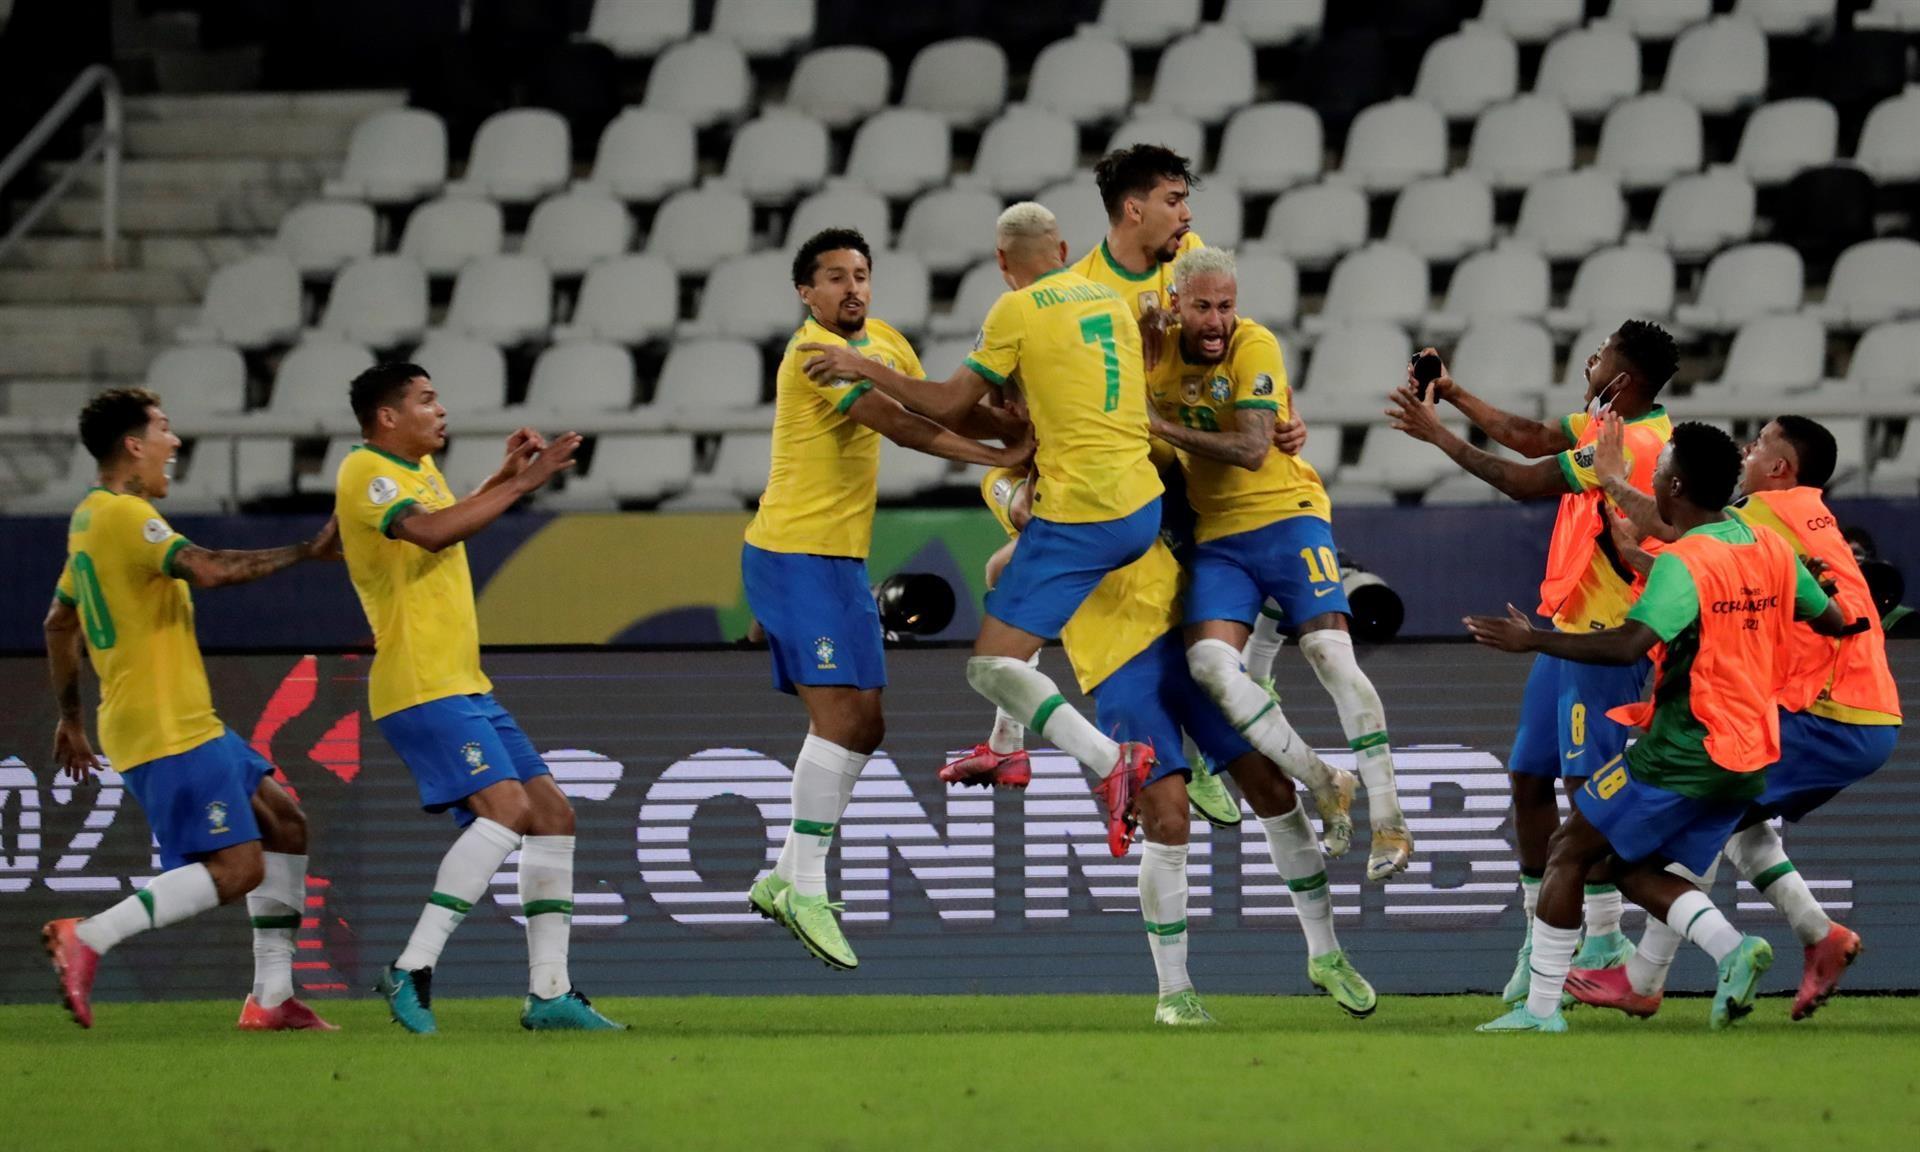 บราซิลปลื้มปิติหลังคาเซมิโร่ยิงนำ 2-1  ภาพ: โคปาอเมริกา